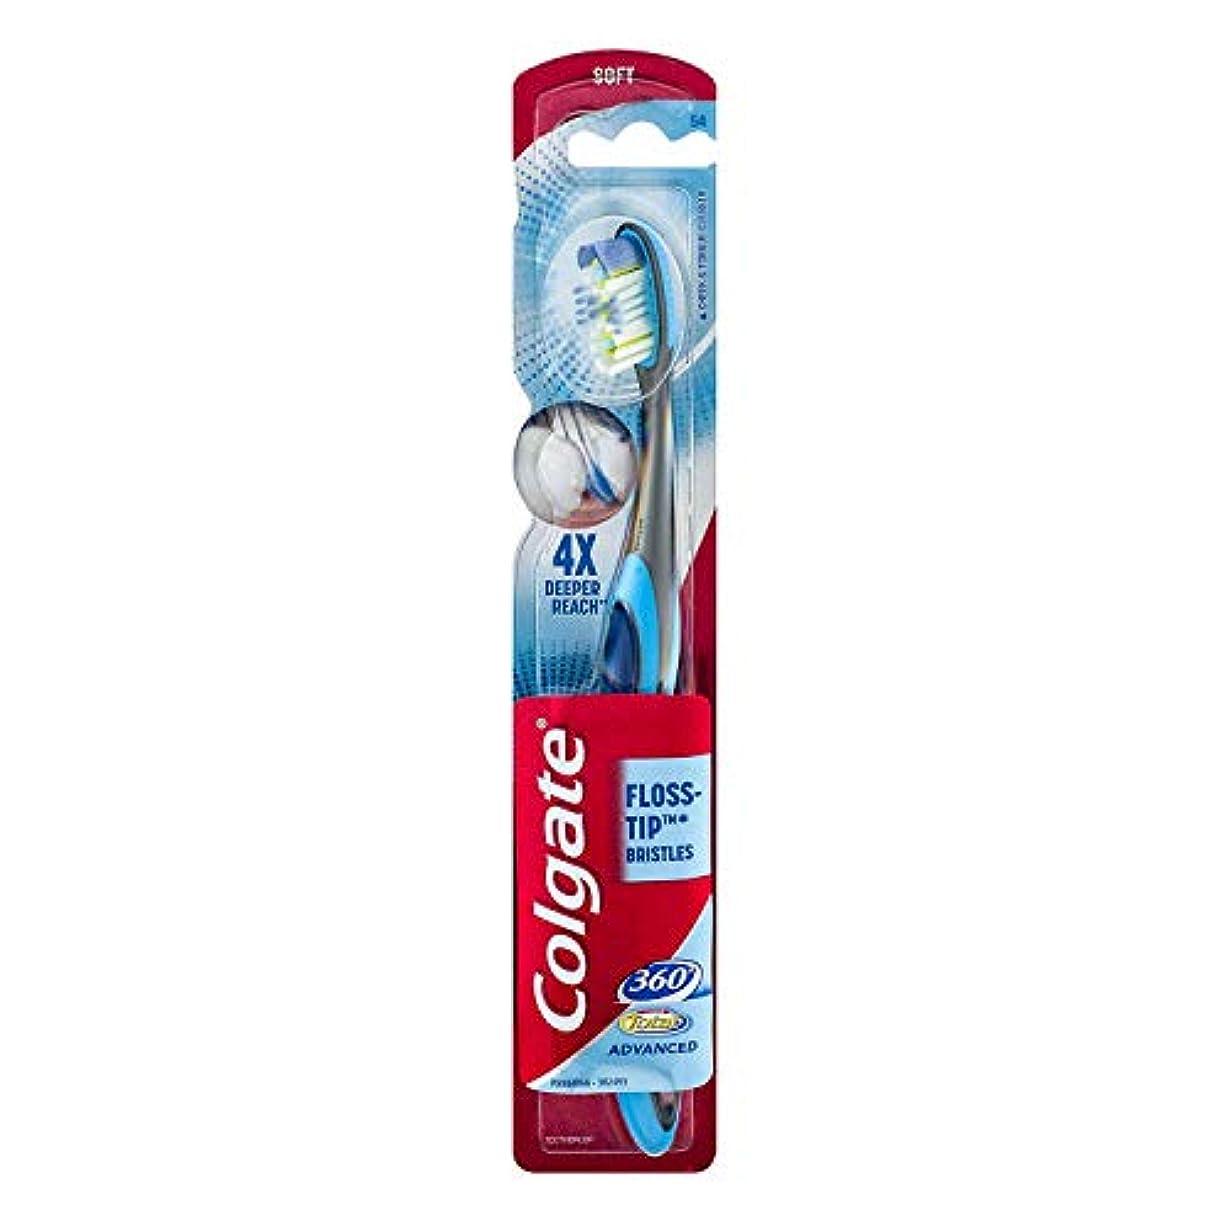 無効石油着陸Colgate 360合計先進FLOSS-ヒント歯ブラシ、完全な頭部ソフト1 Eaは 1パック